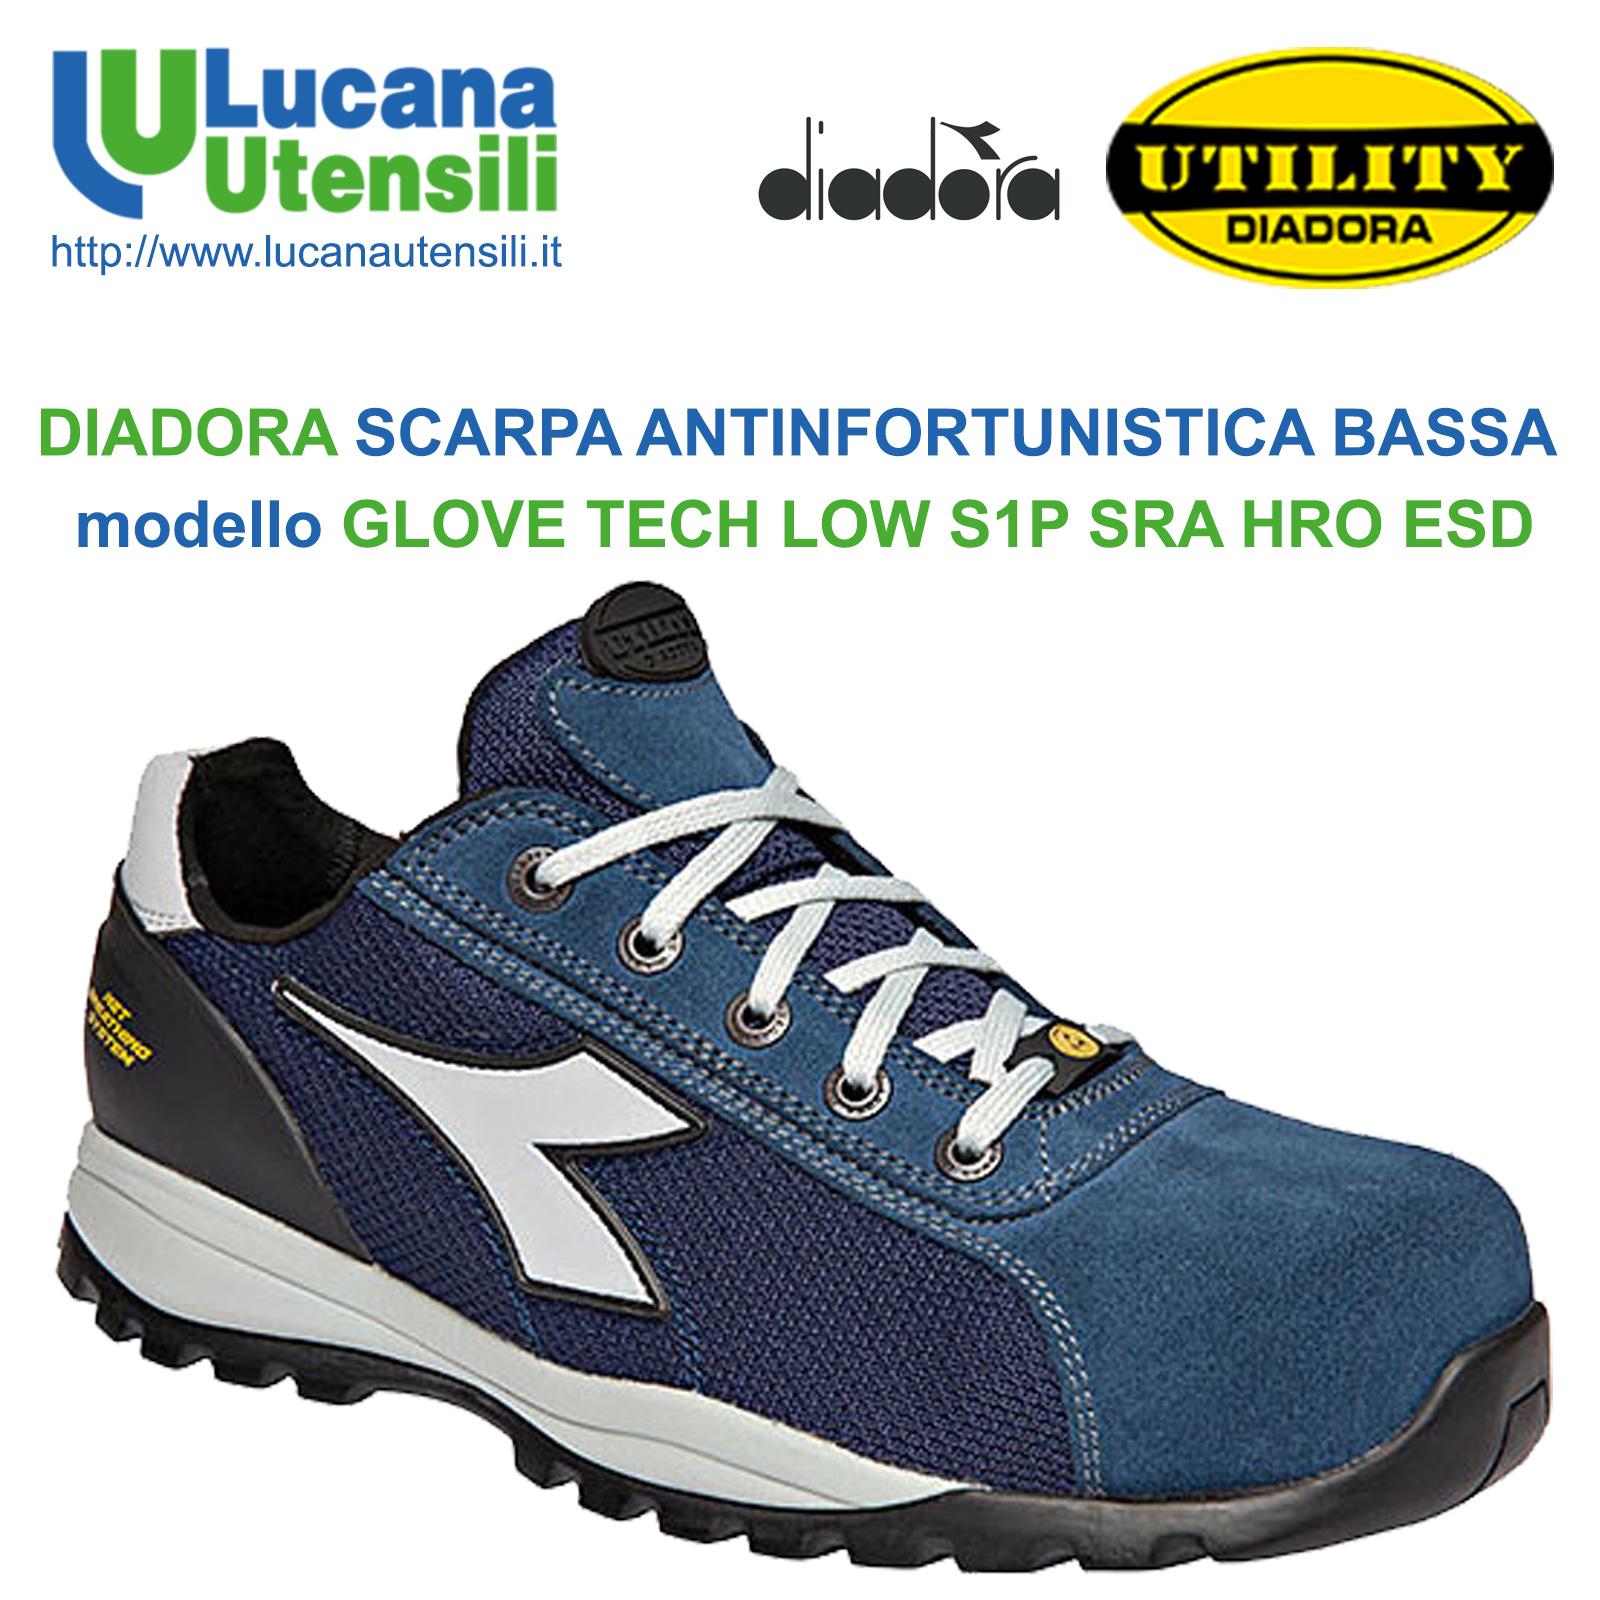 DIADORA SCARPA ANTINFORTUNISTICA con SISTEMA GEOX modello GLOVE TECH ... f3b9f452028